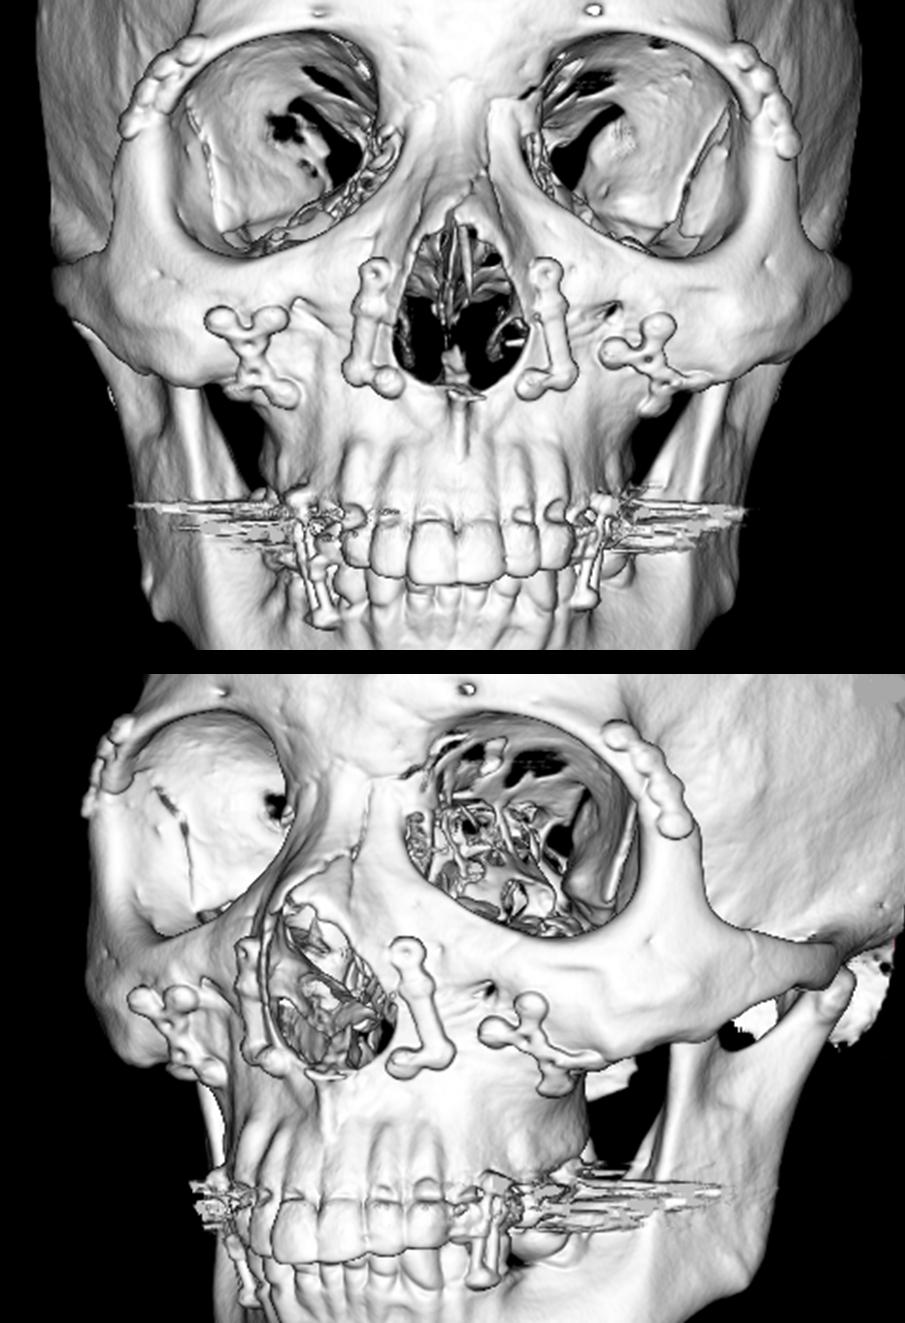 術後CT写真